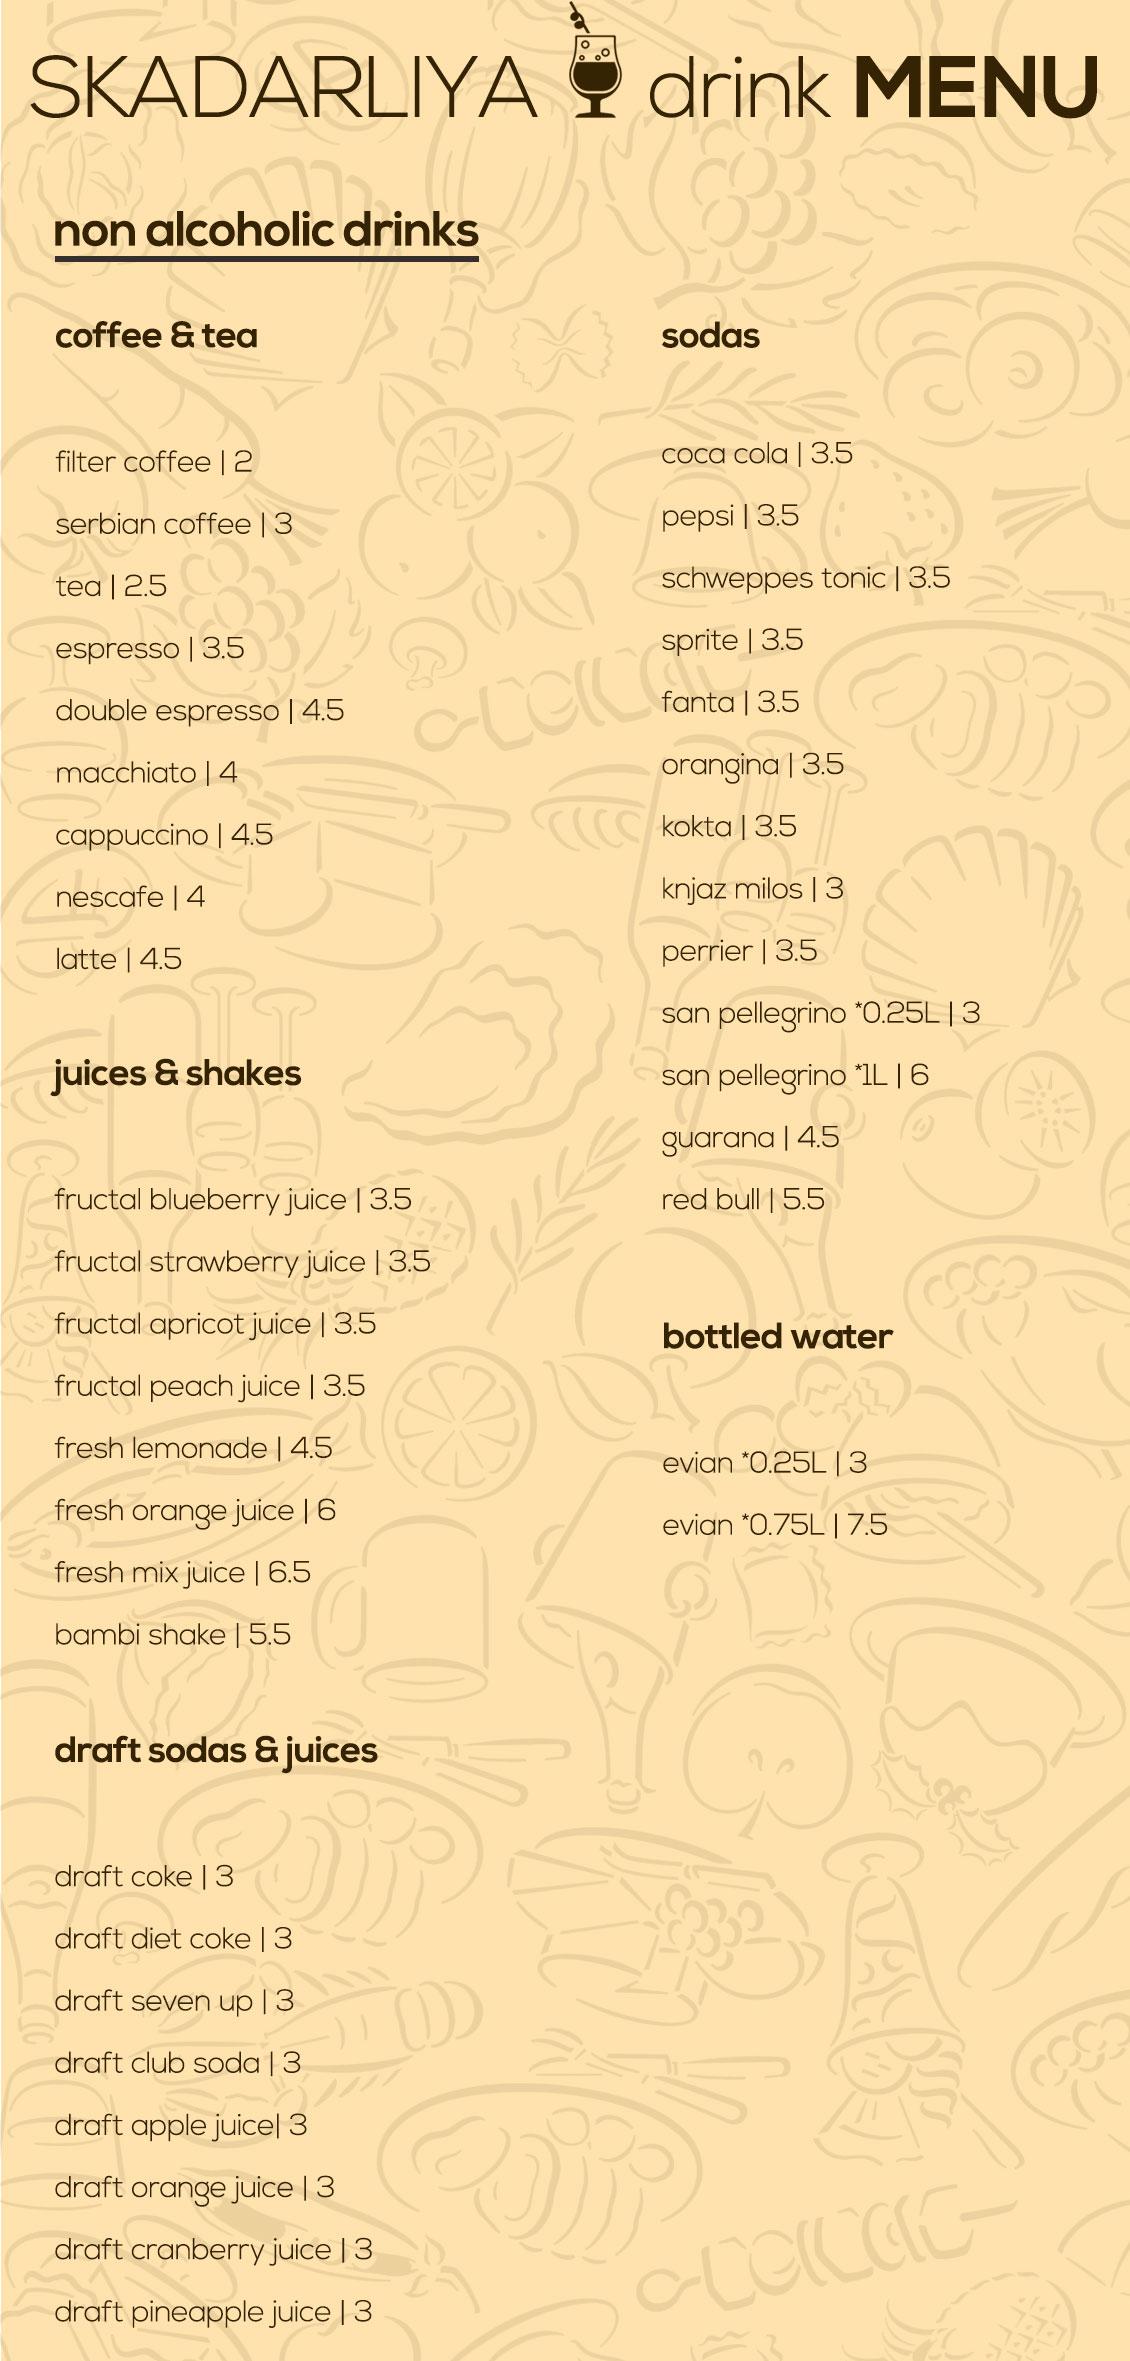 skadarliya-drinks-menu-1